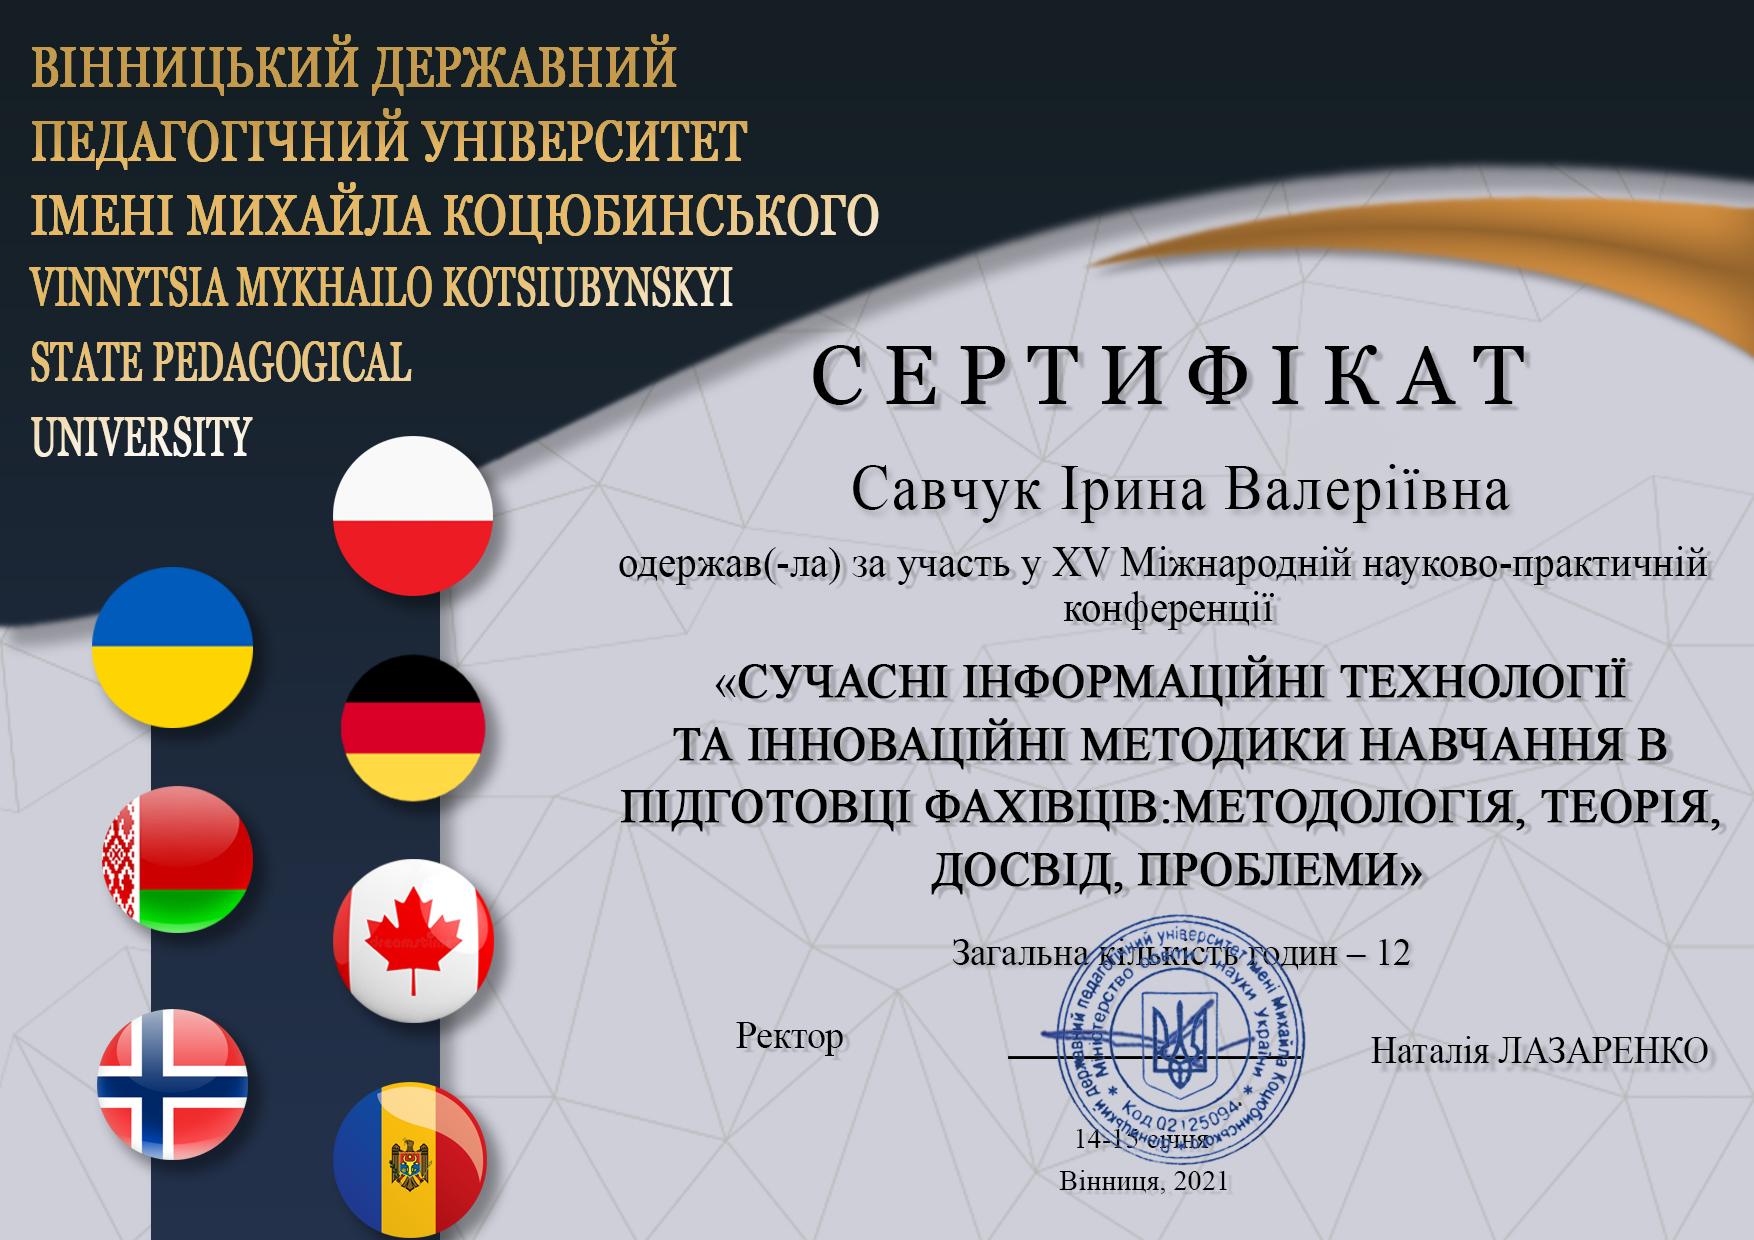 Савчук Ірина Валеріївна